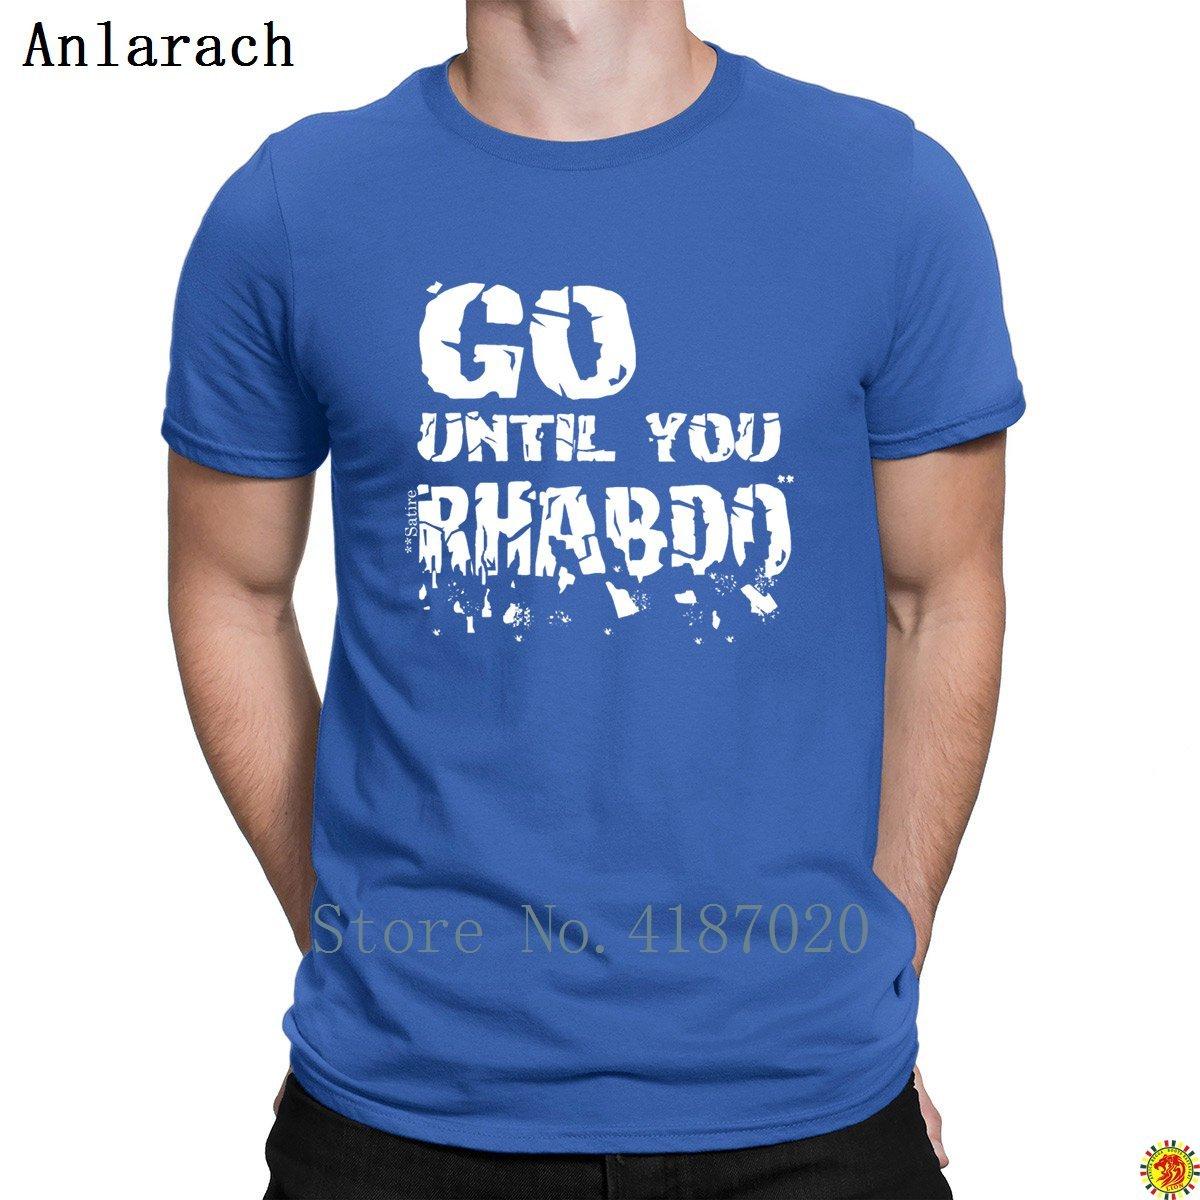 Gitmek Kadar Rhabdo Tişörtleri Spor Trendy Resmi Örme erkek Tshirt Büyük Boyutları Yeni 2018 Tee Gömlek HipHop Üst